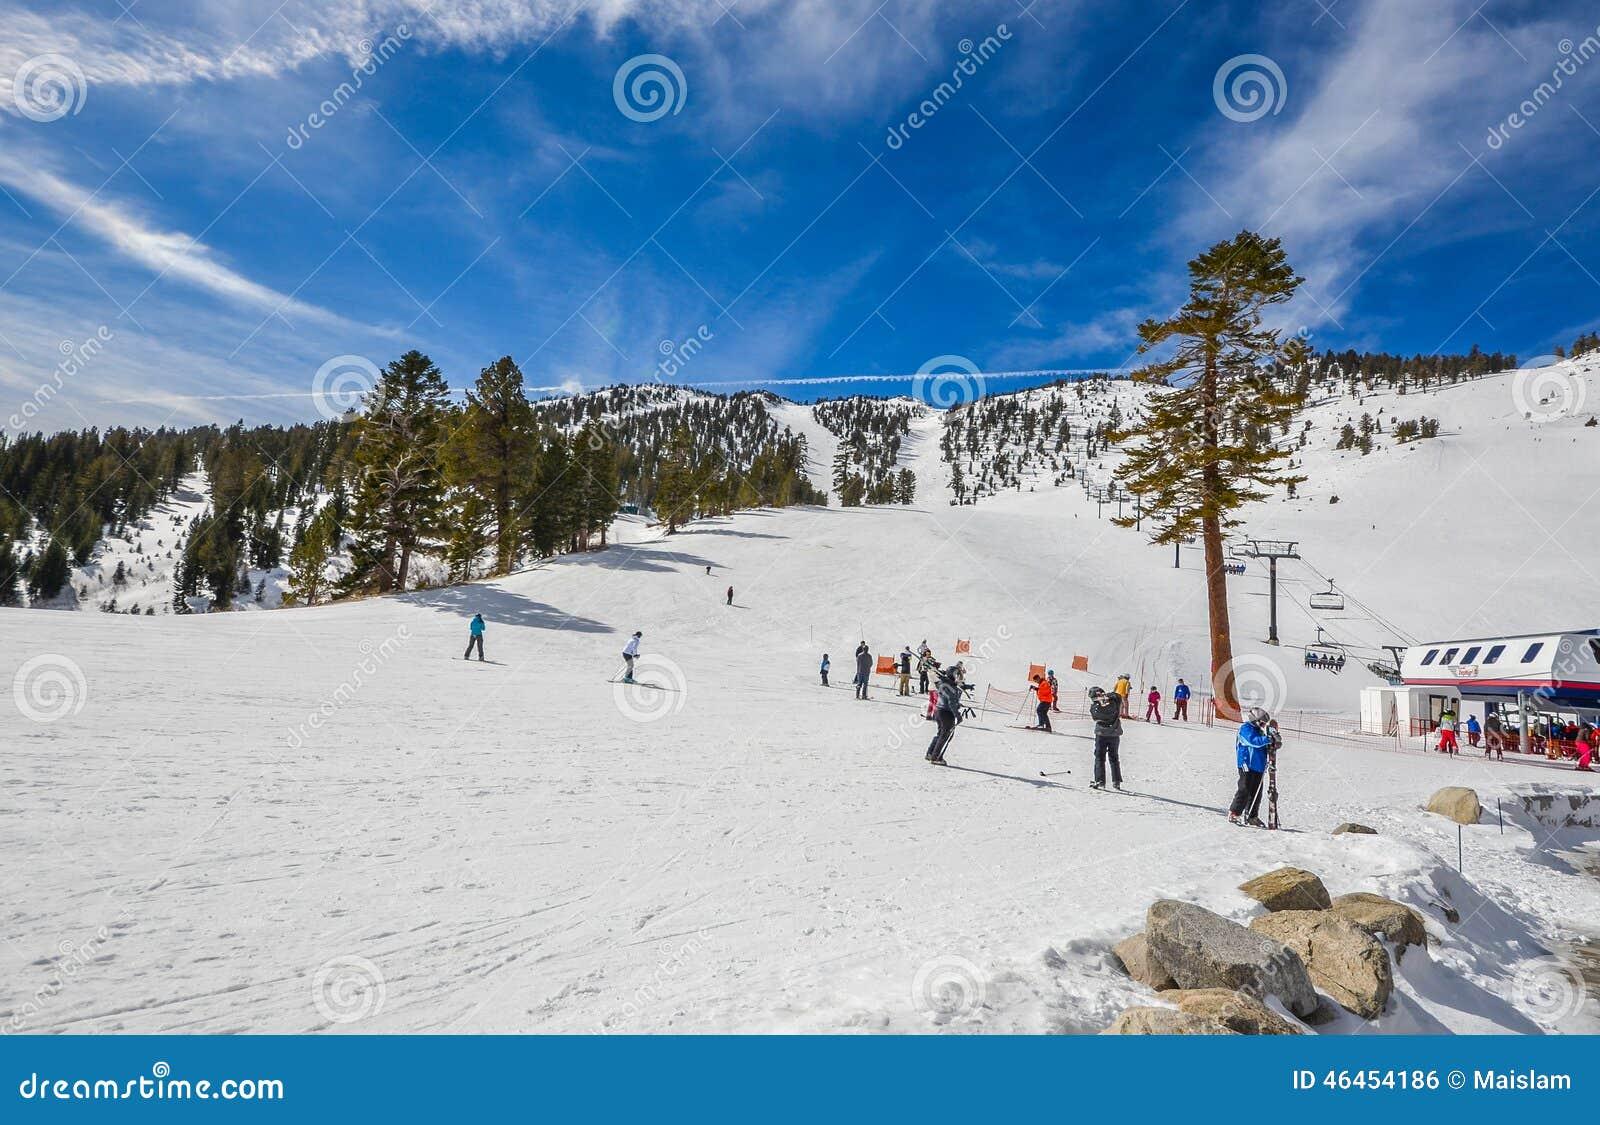 Χιονοδρομικό κέντρο στη λίμνη Tahoe